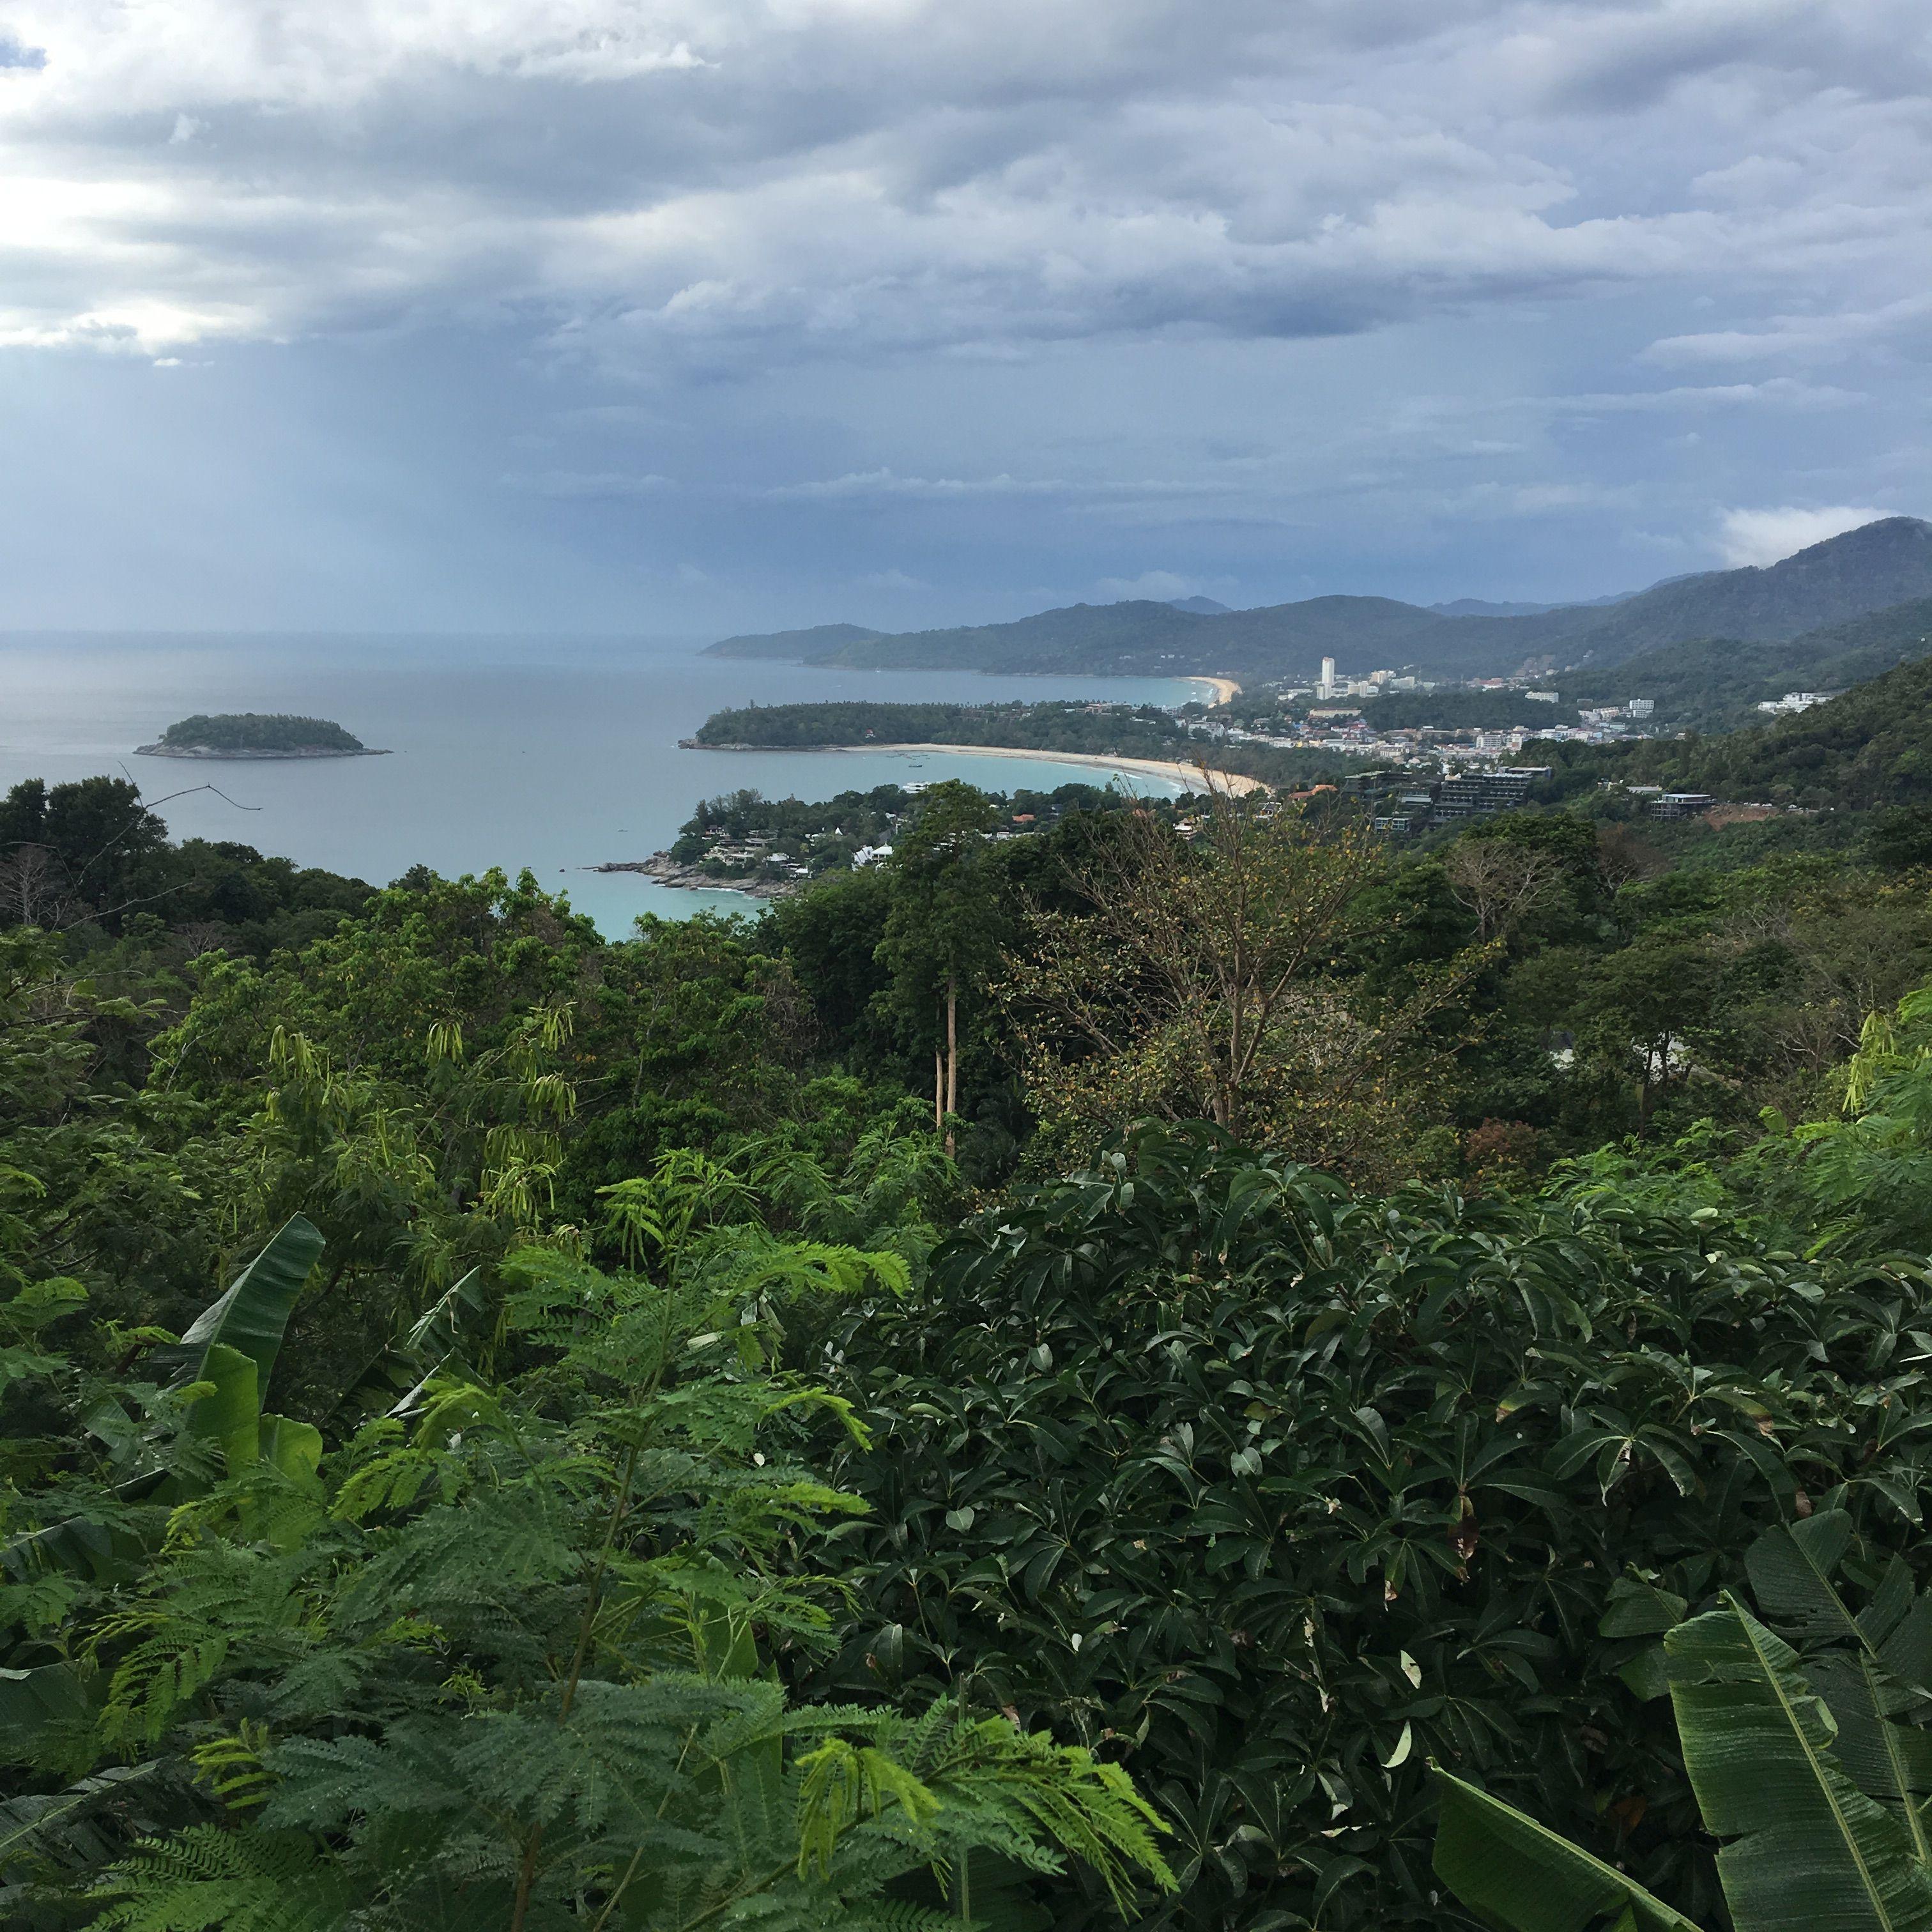 Sorrendben:<br />Katanoi<br />Kata (vele szemben van a kis sziget) és<br />Karon part